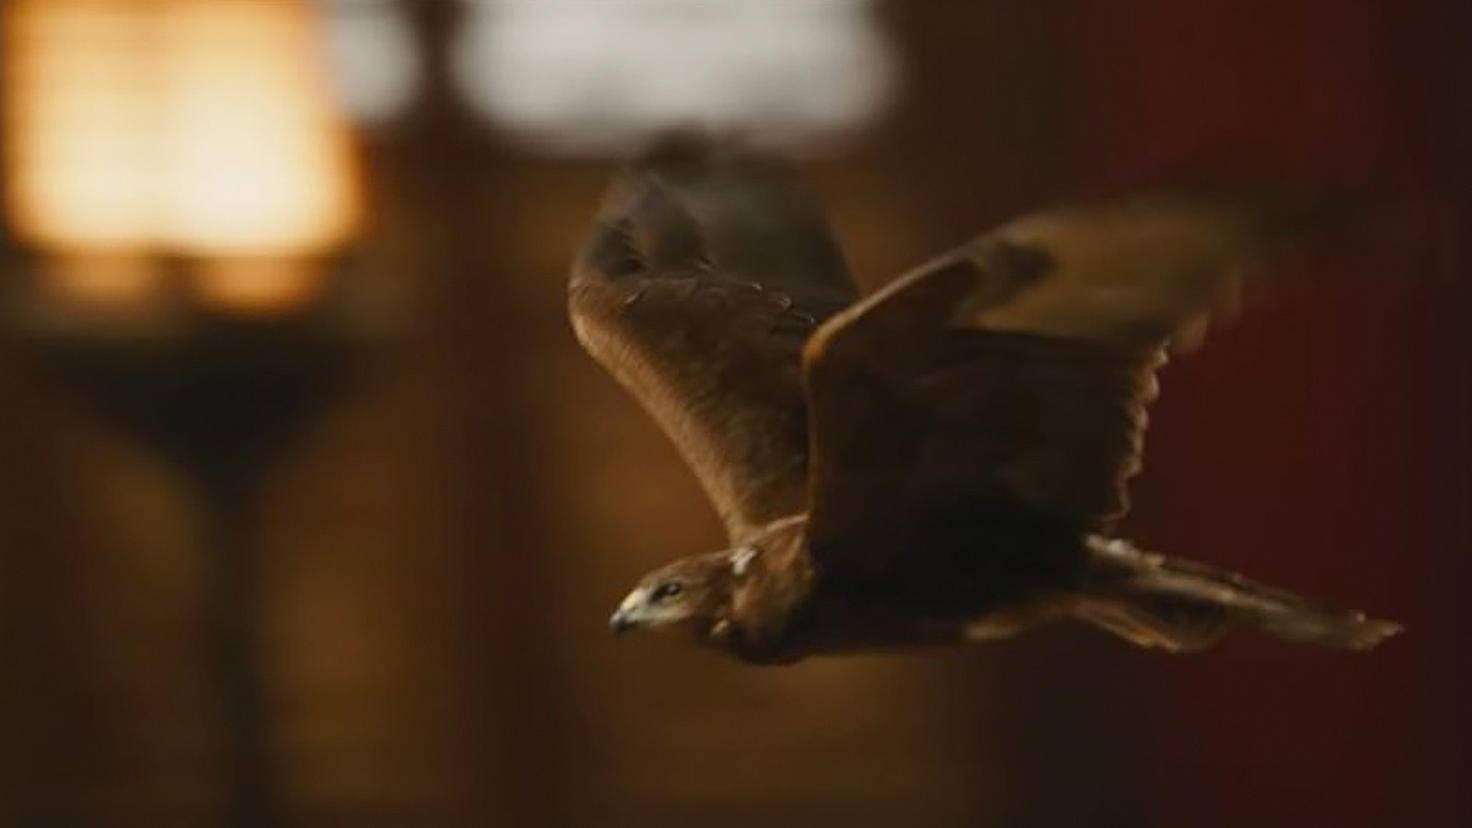 Die Kontrahentin kann sich in einen Falken verwandeln.